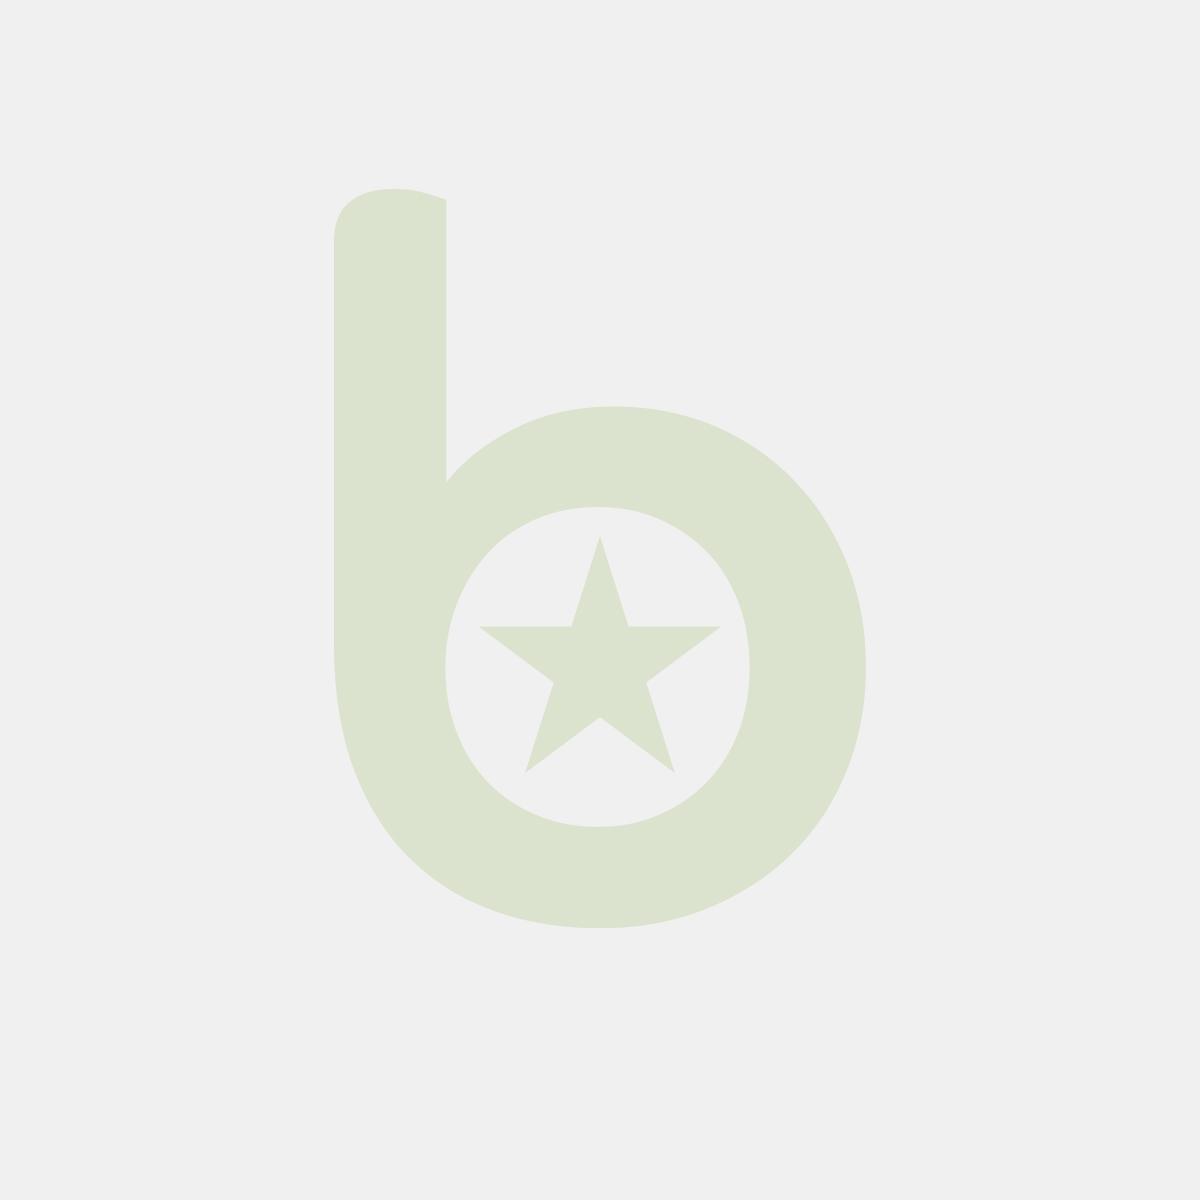 Pokrywka Do Pojemników Gn - Z Poliwęglanu Gn 1/6